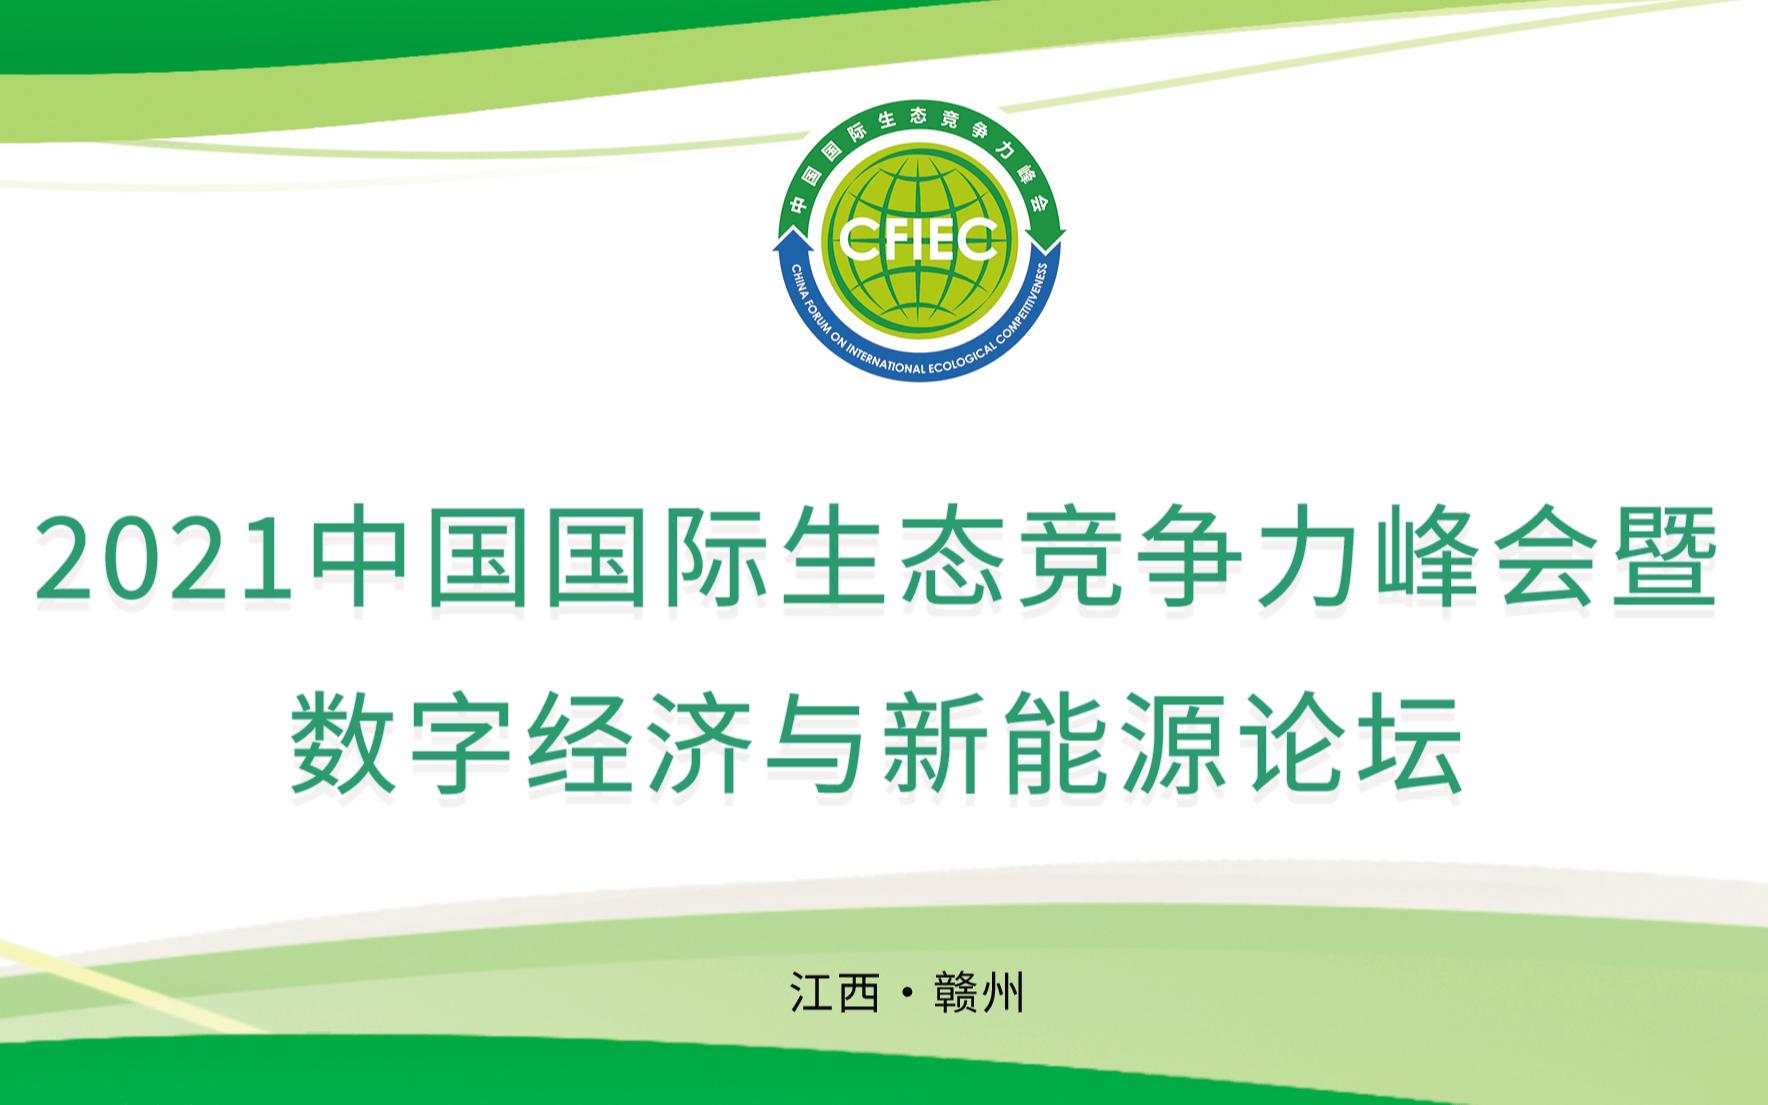 2021中国国际生态竞争力峰会暨数字经济与新能源论坛